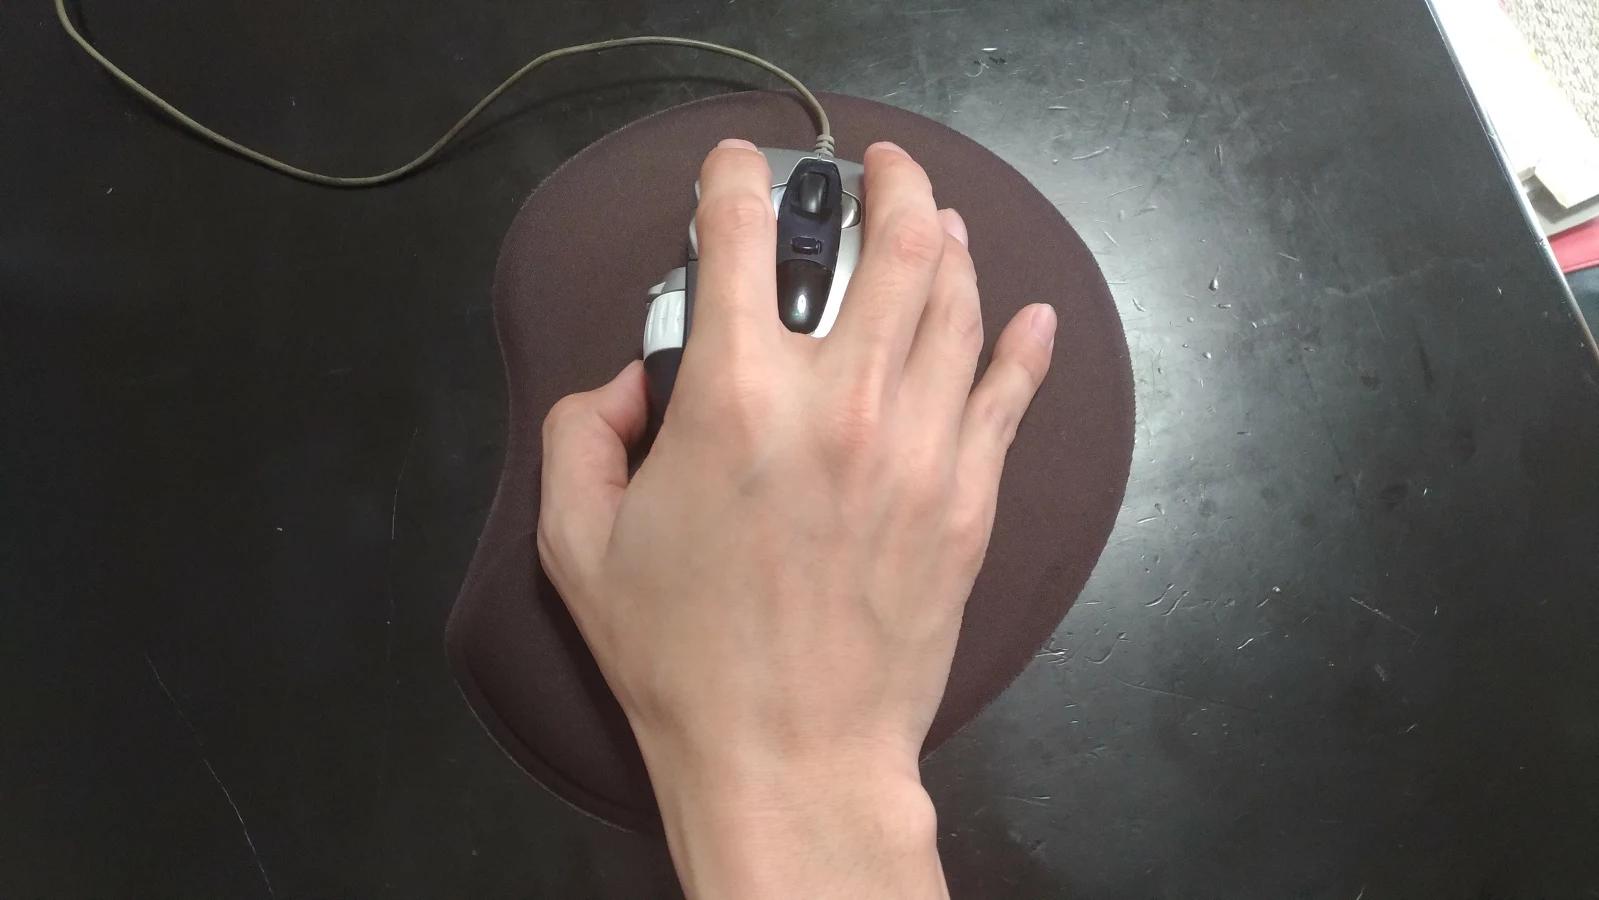 そして、僕は手のひらが大きく、指が長いためか、マウスを右手の小指で支える癖があるからです。